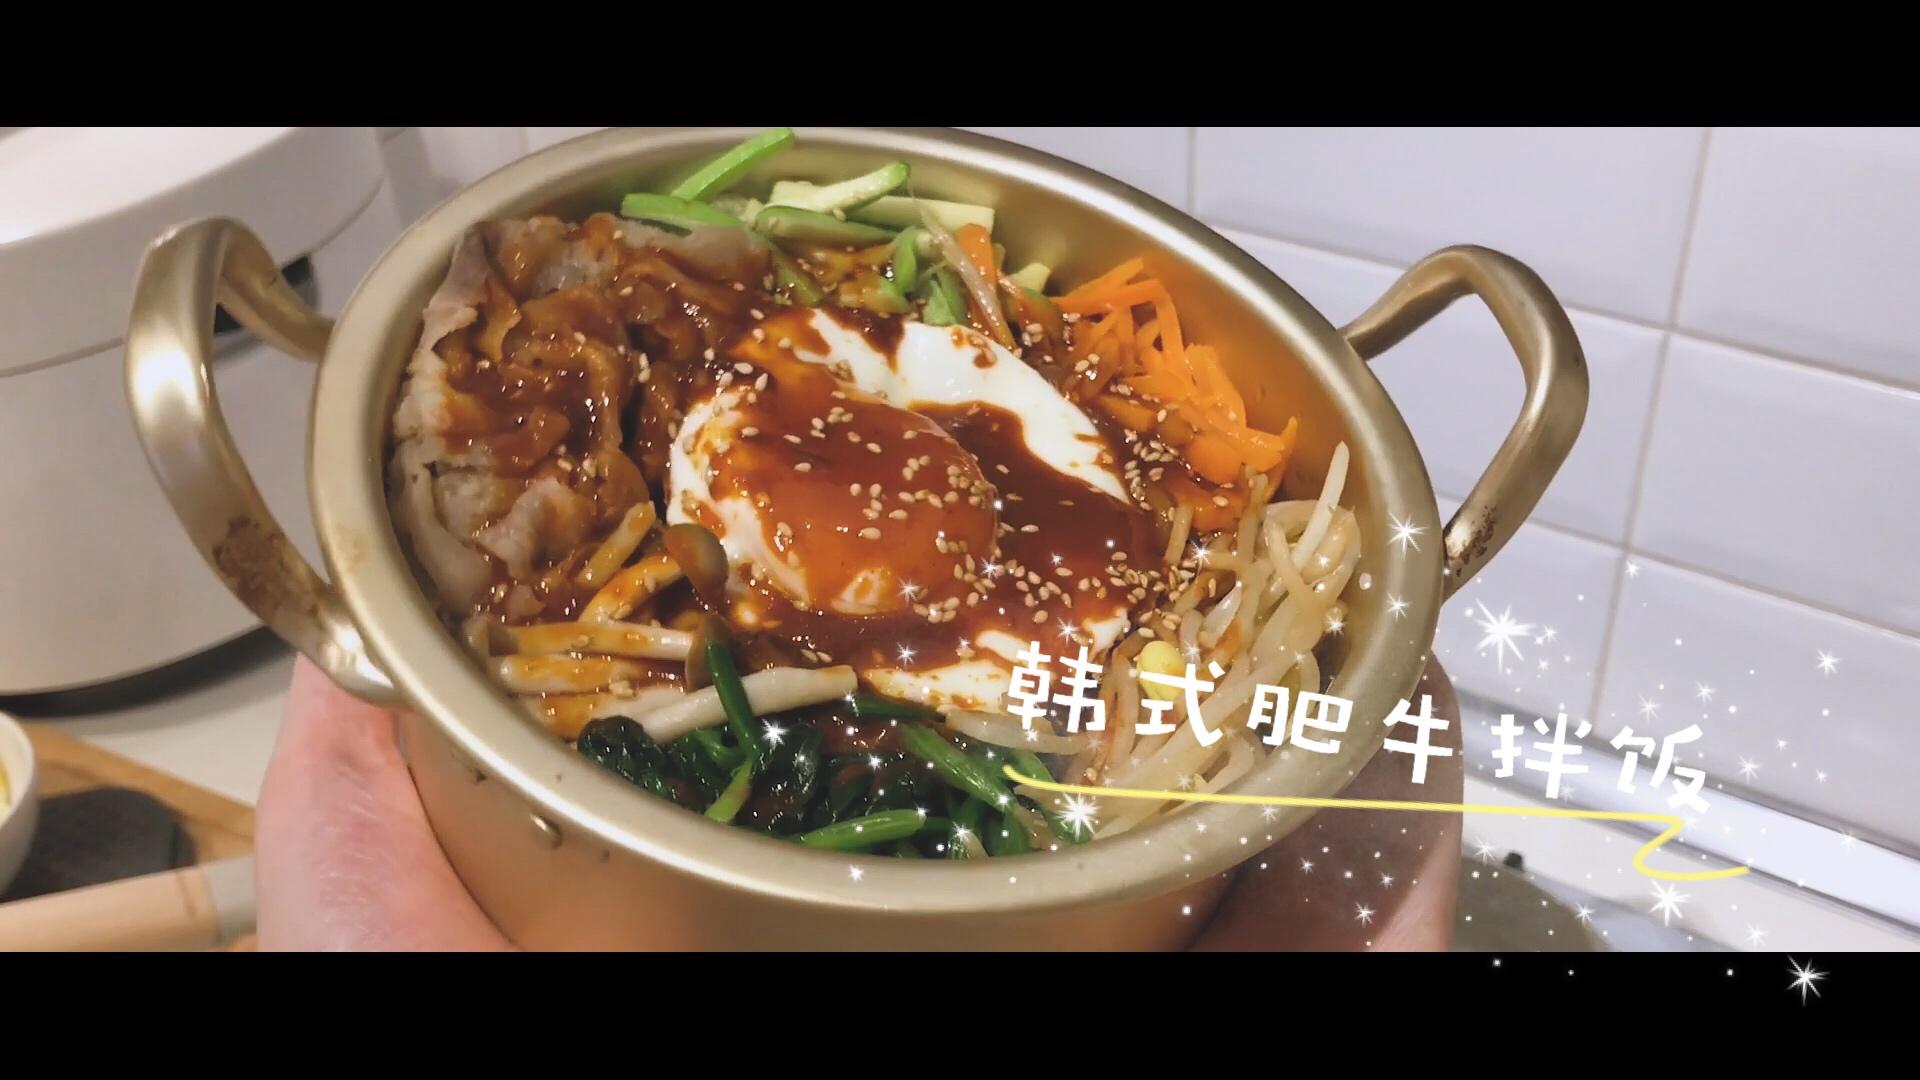 好吃到流泪的「韩式肥牛拌饭」,一定要抱着锅吃才满足!